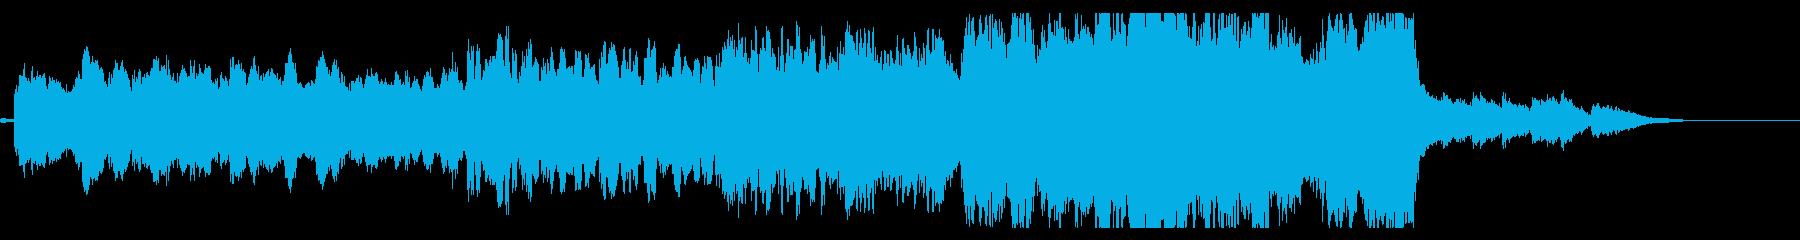 ホルン、フルート主体の復興イメージソングの再生済みの波形